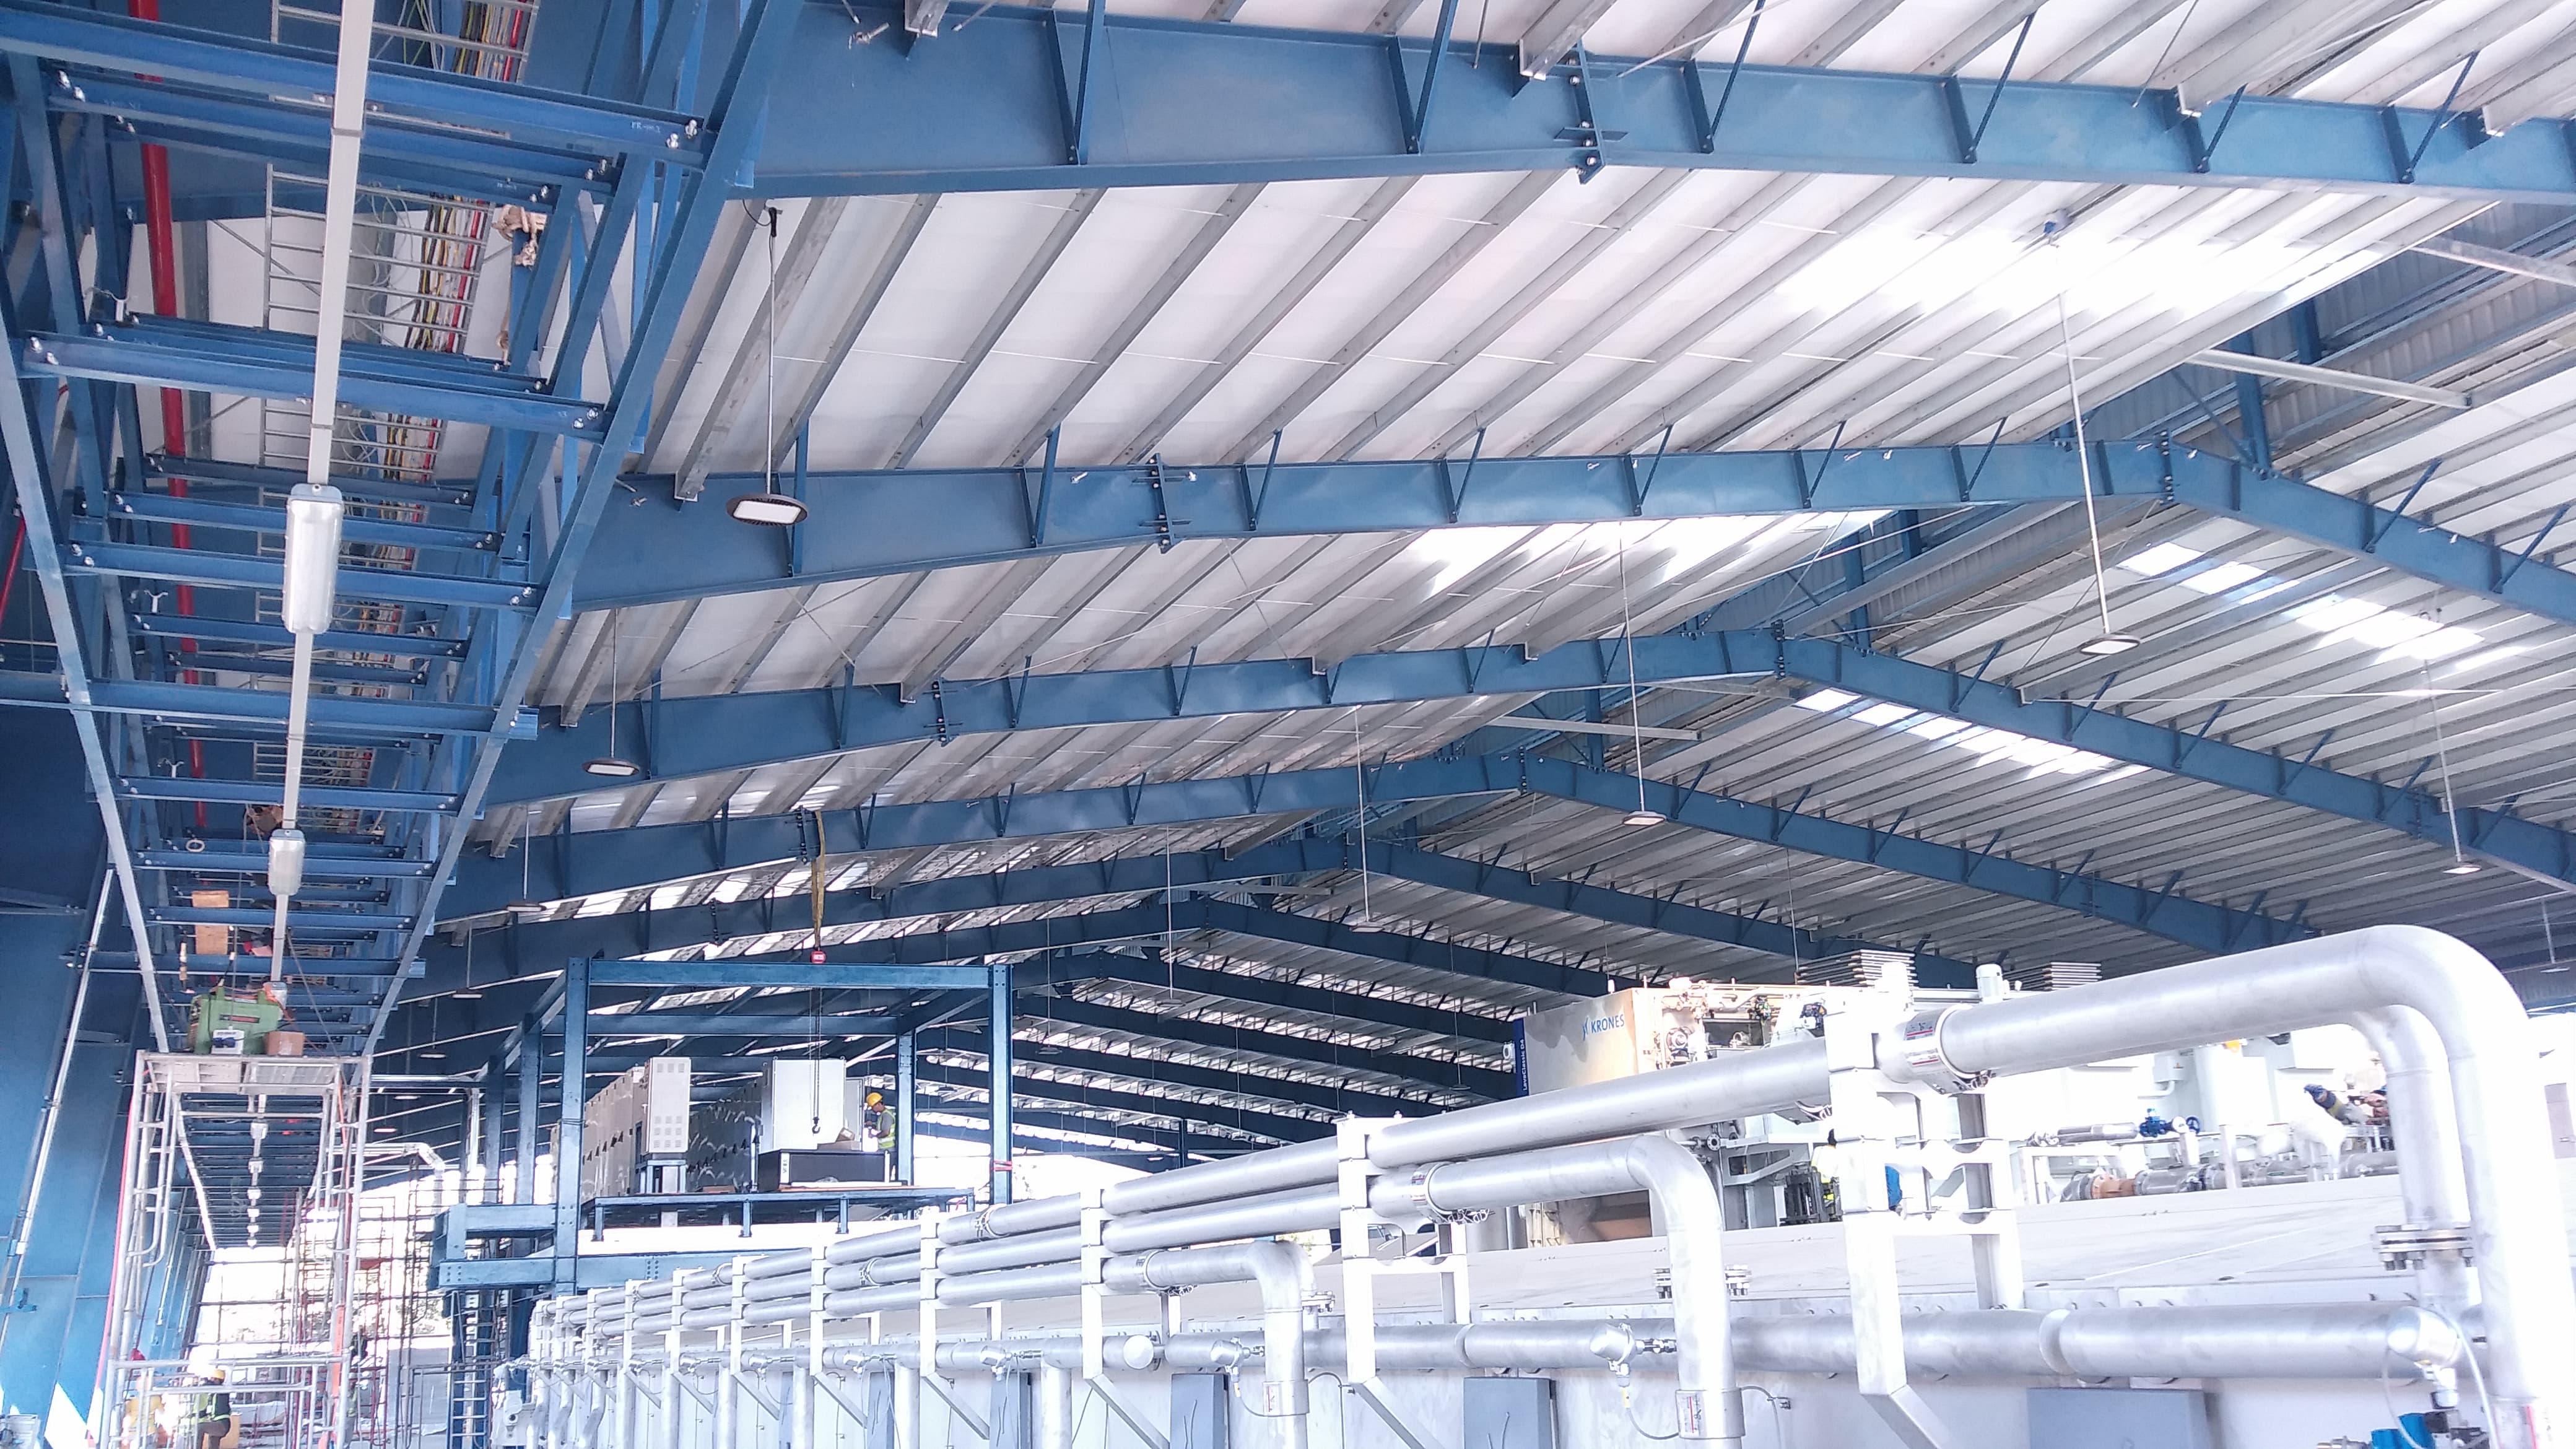 5 Điều cần làm khi bắt đầu xây dựng nhà xưởng khung thép